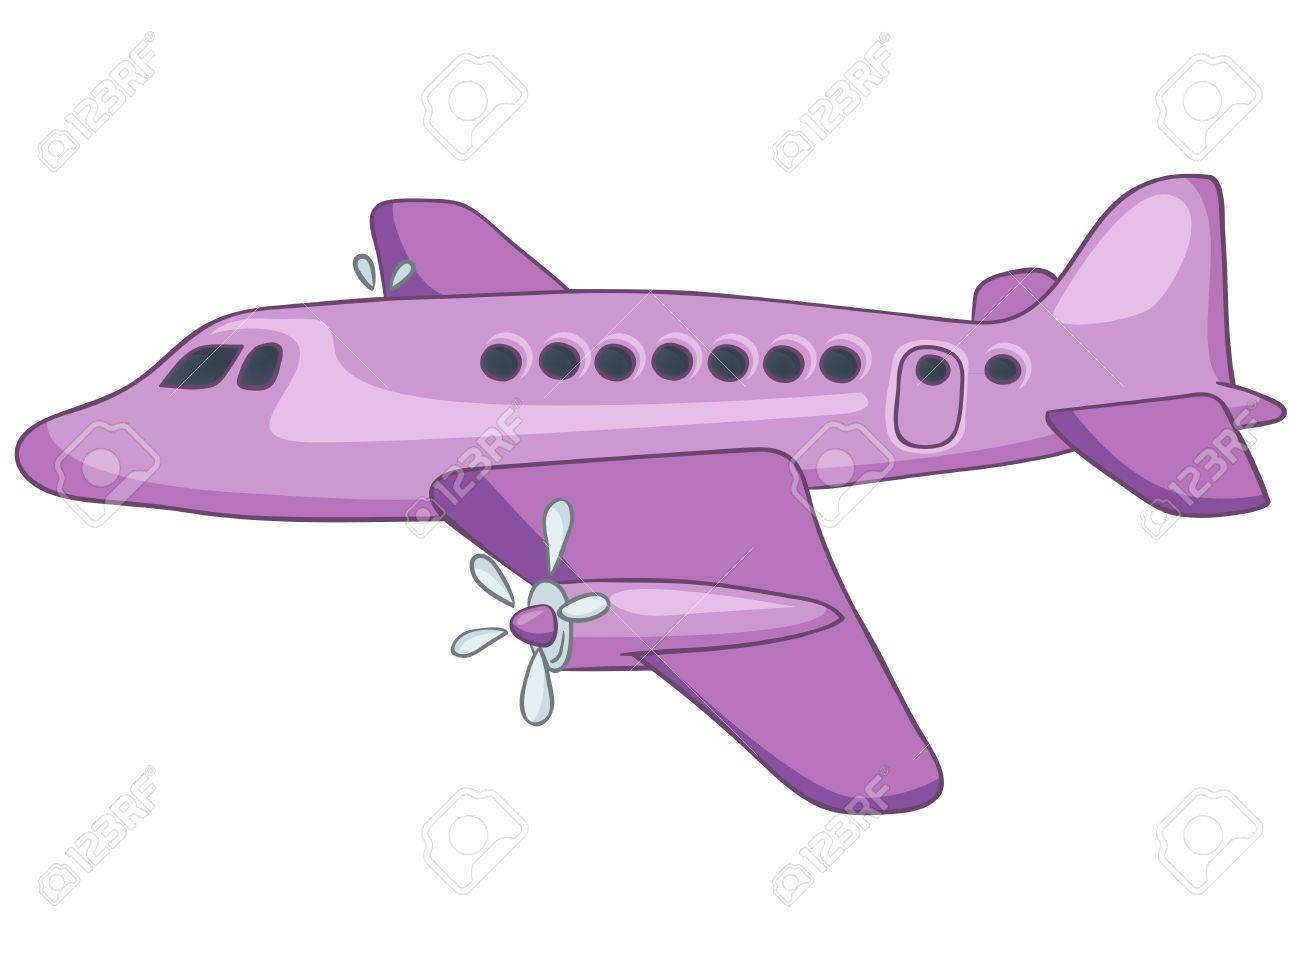 cartoon jet stock photos u0026 pictures royalty free cartoon jet